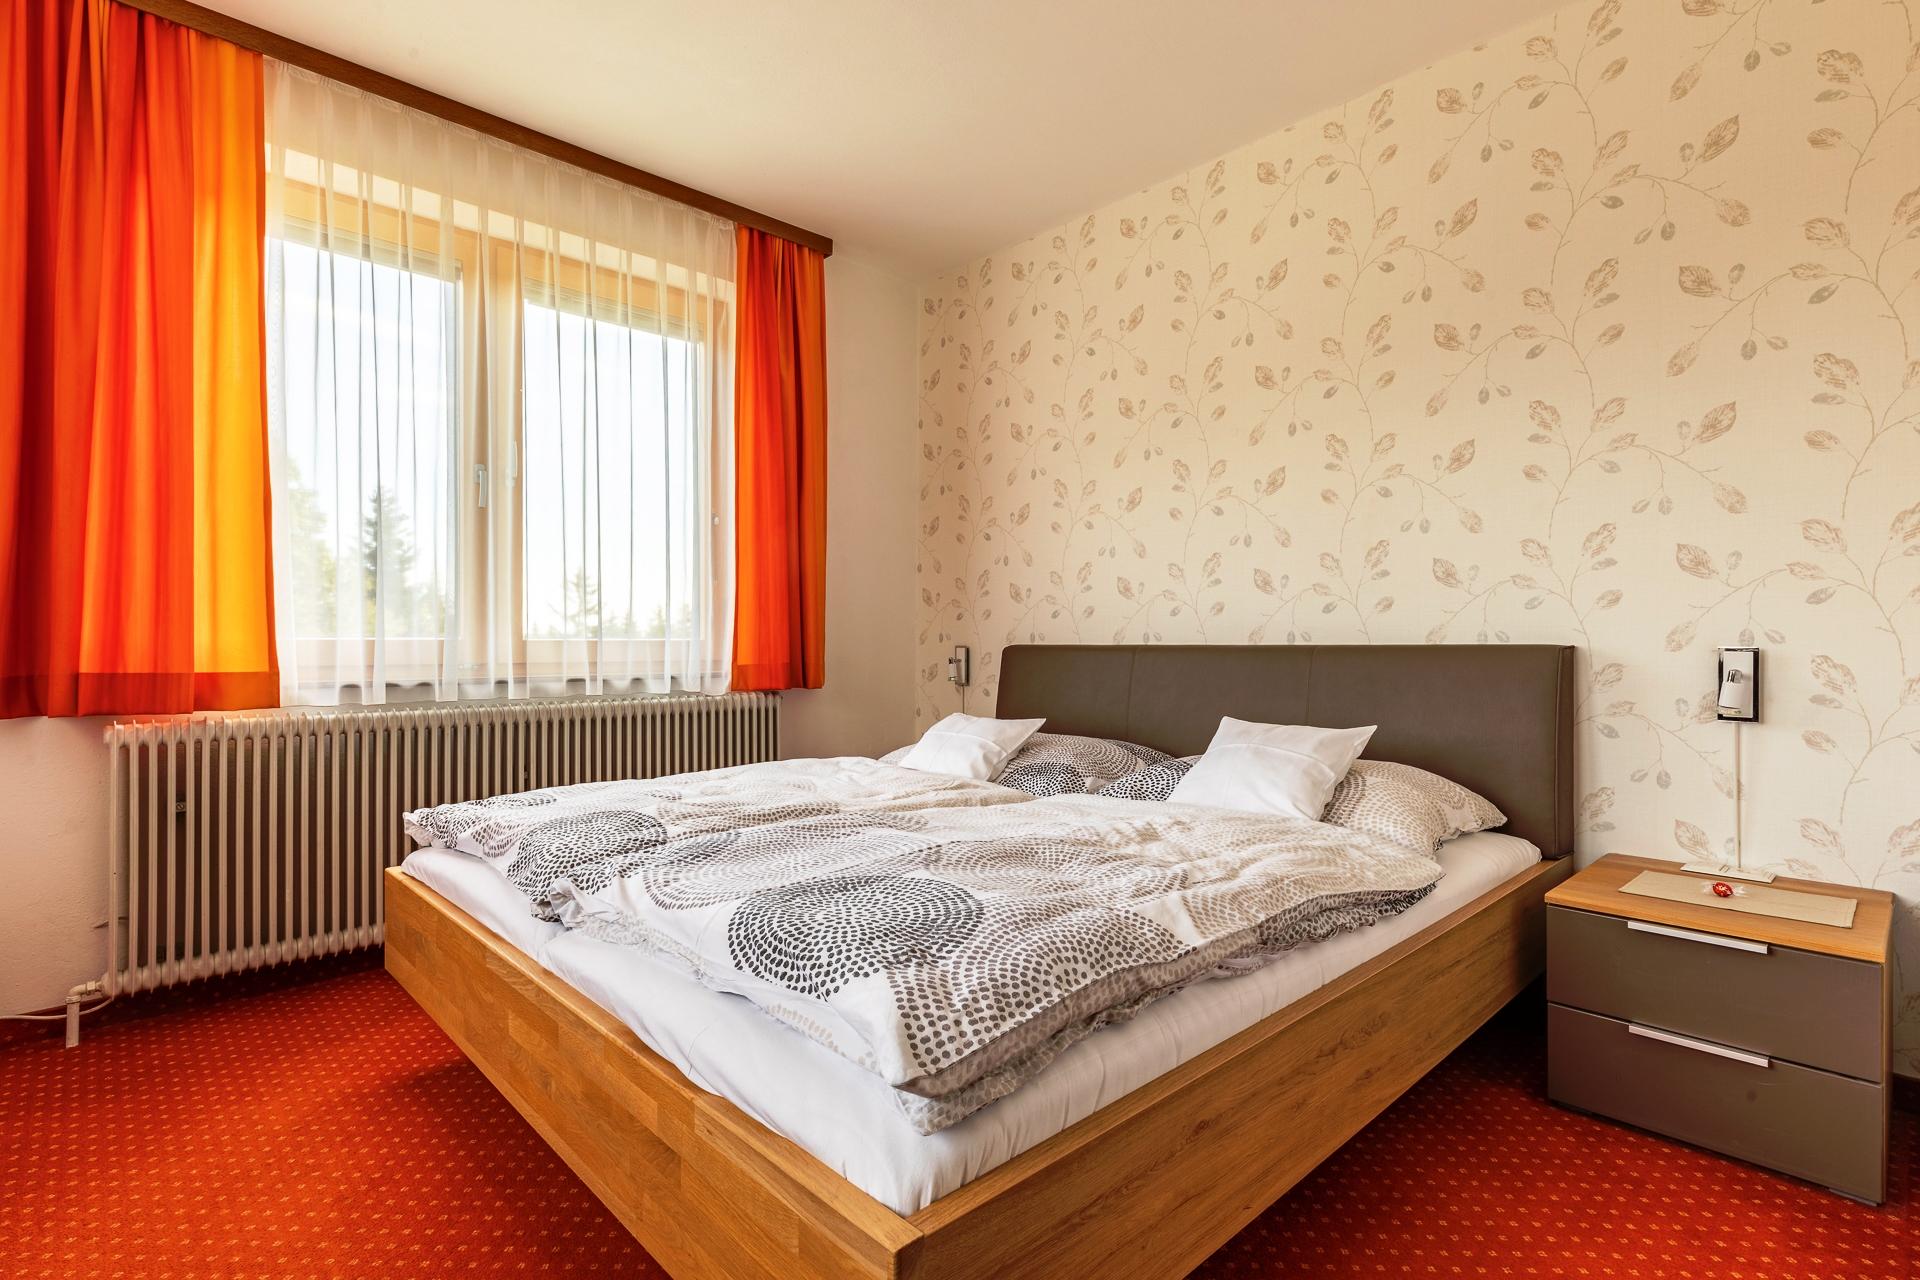 gaestehaus-apschner-web-30Cwieneralpen-kremsl